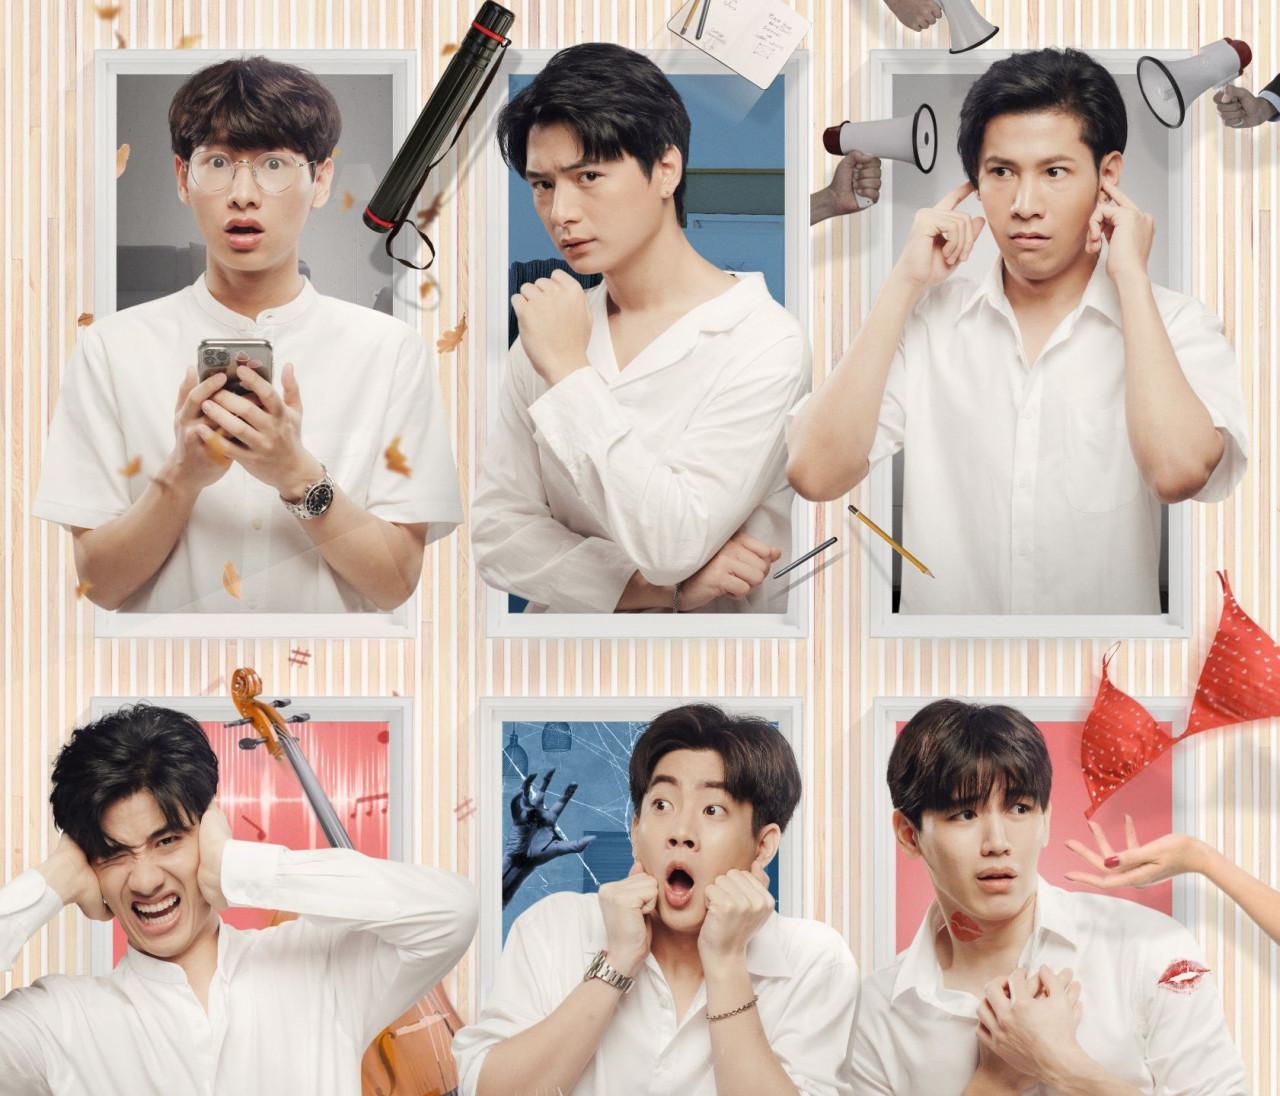 タイのBLドラマ界の人気カップル3組が共演!ワケあり6人のおかしな同居生活『I'm Tee, Me Too/アイム・ティー、ミー・トゥー』【美しきタイドラマの世界/第11回】